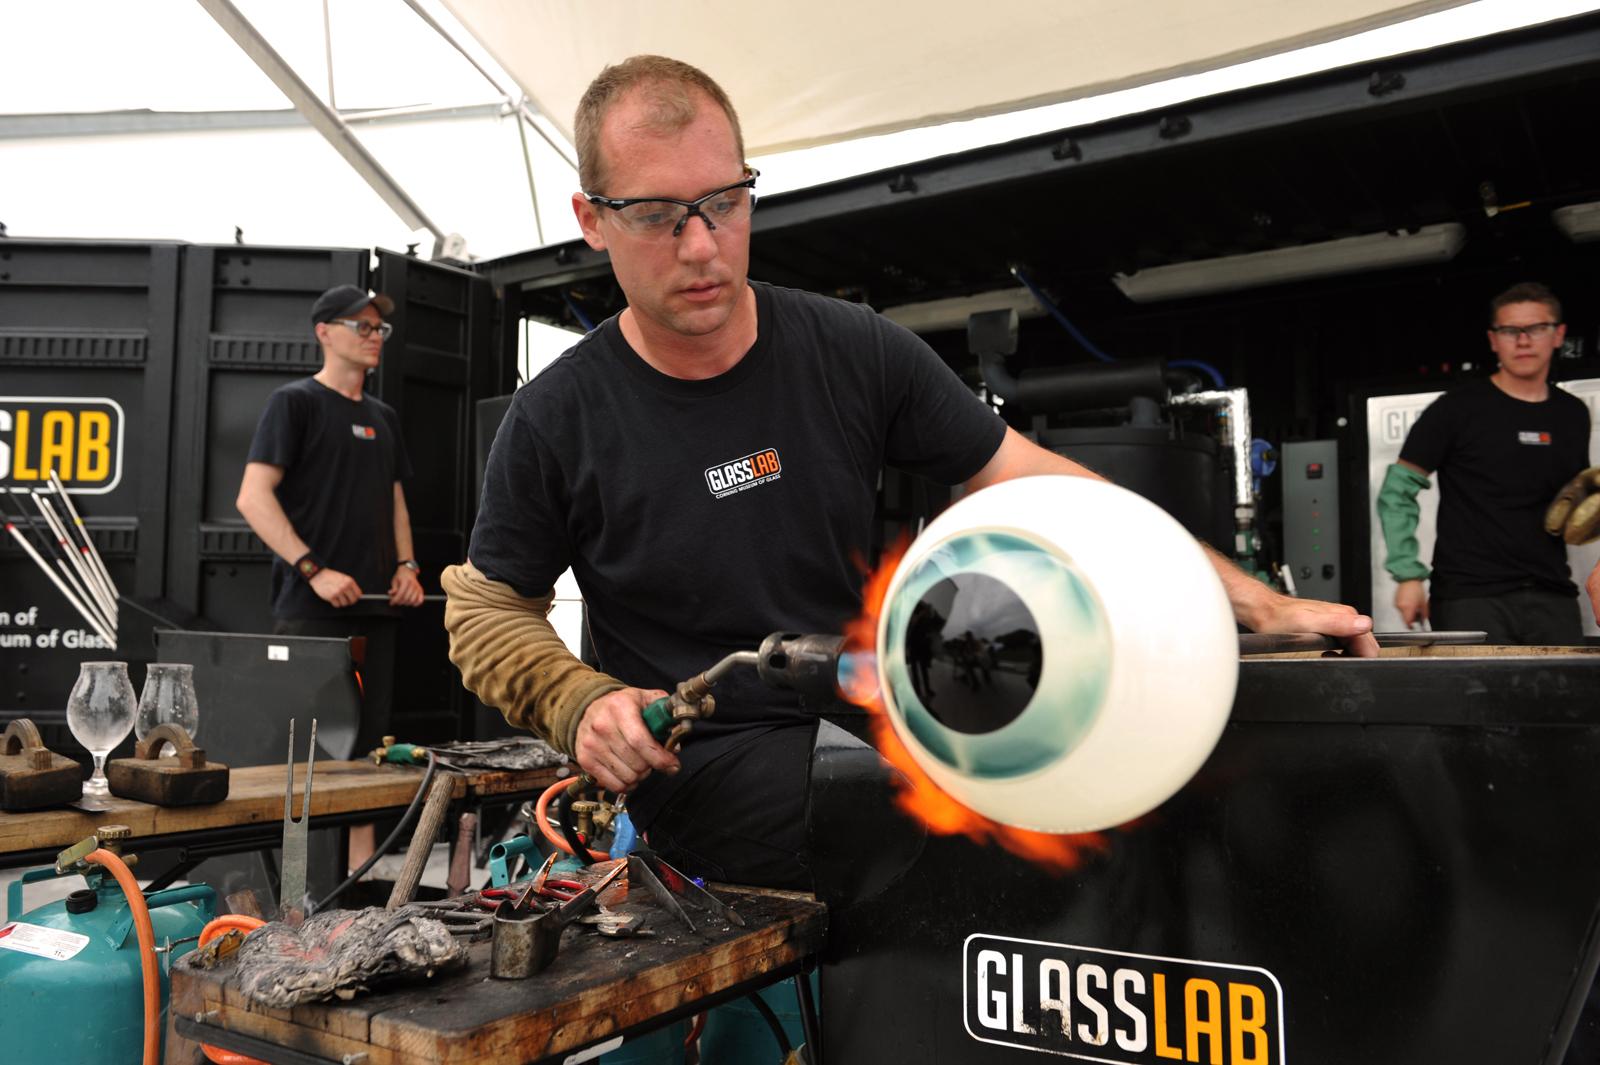 Glass eye prototype by designer Sigga Heimis at GlassLab